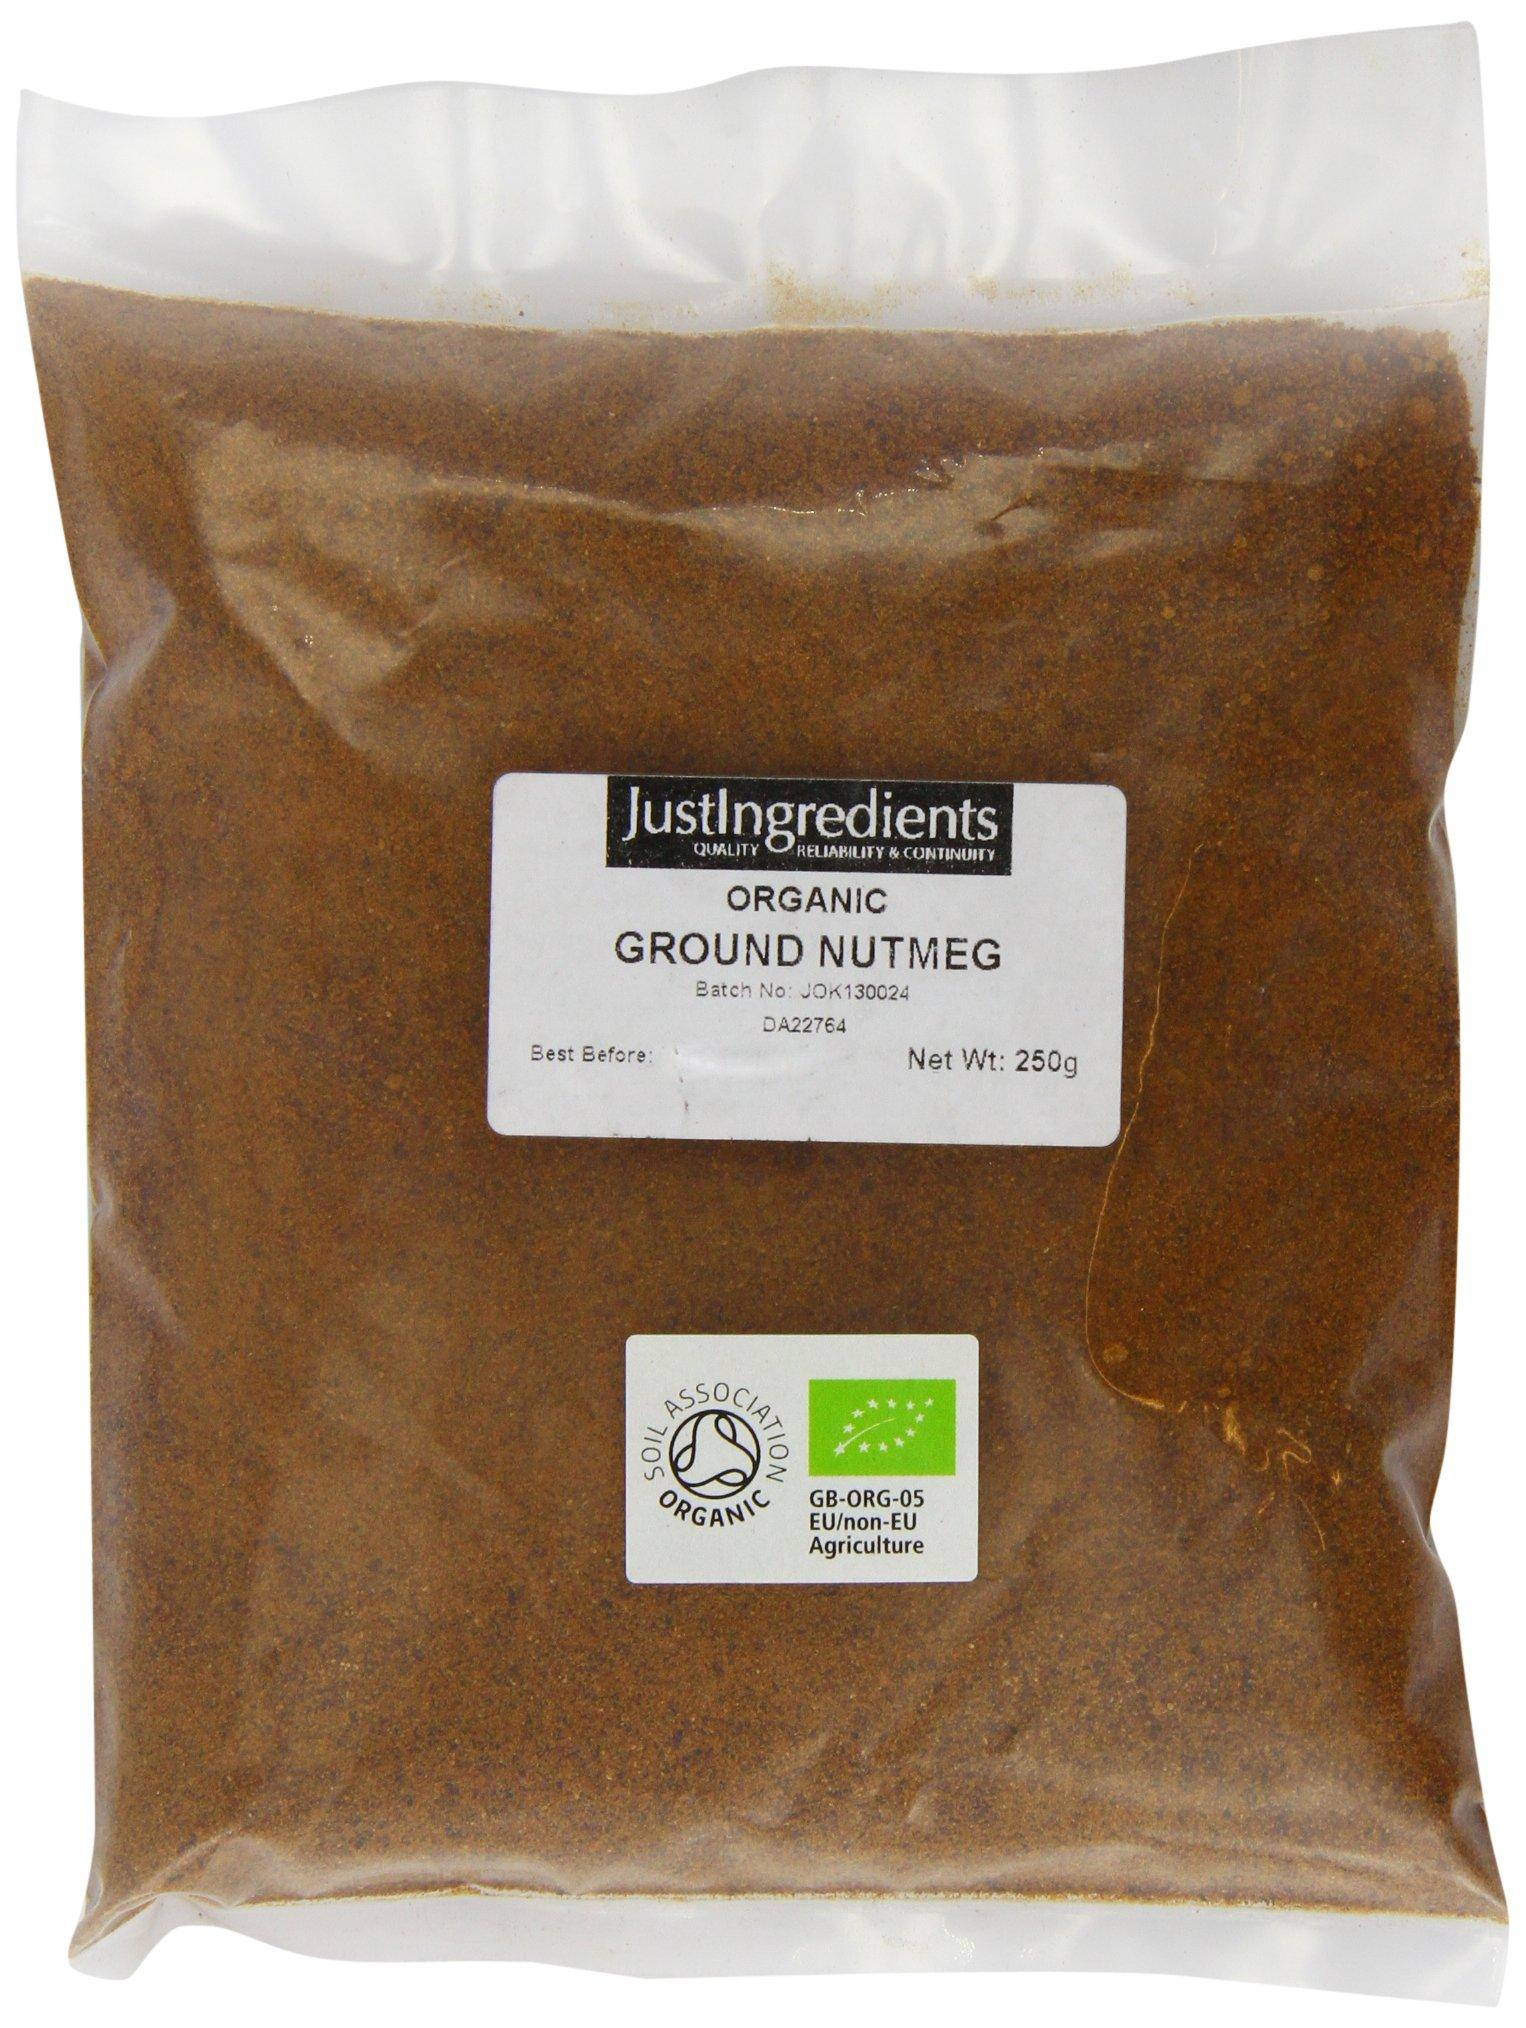 JustIngredients Organic Nutmeg Ground Loose 250 g